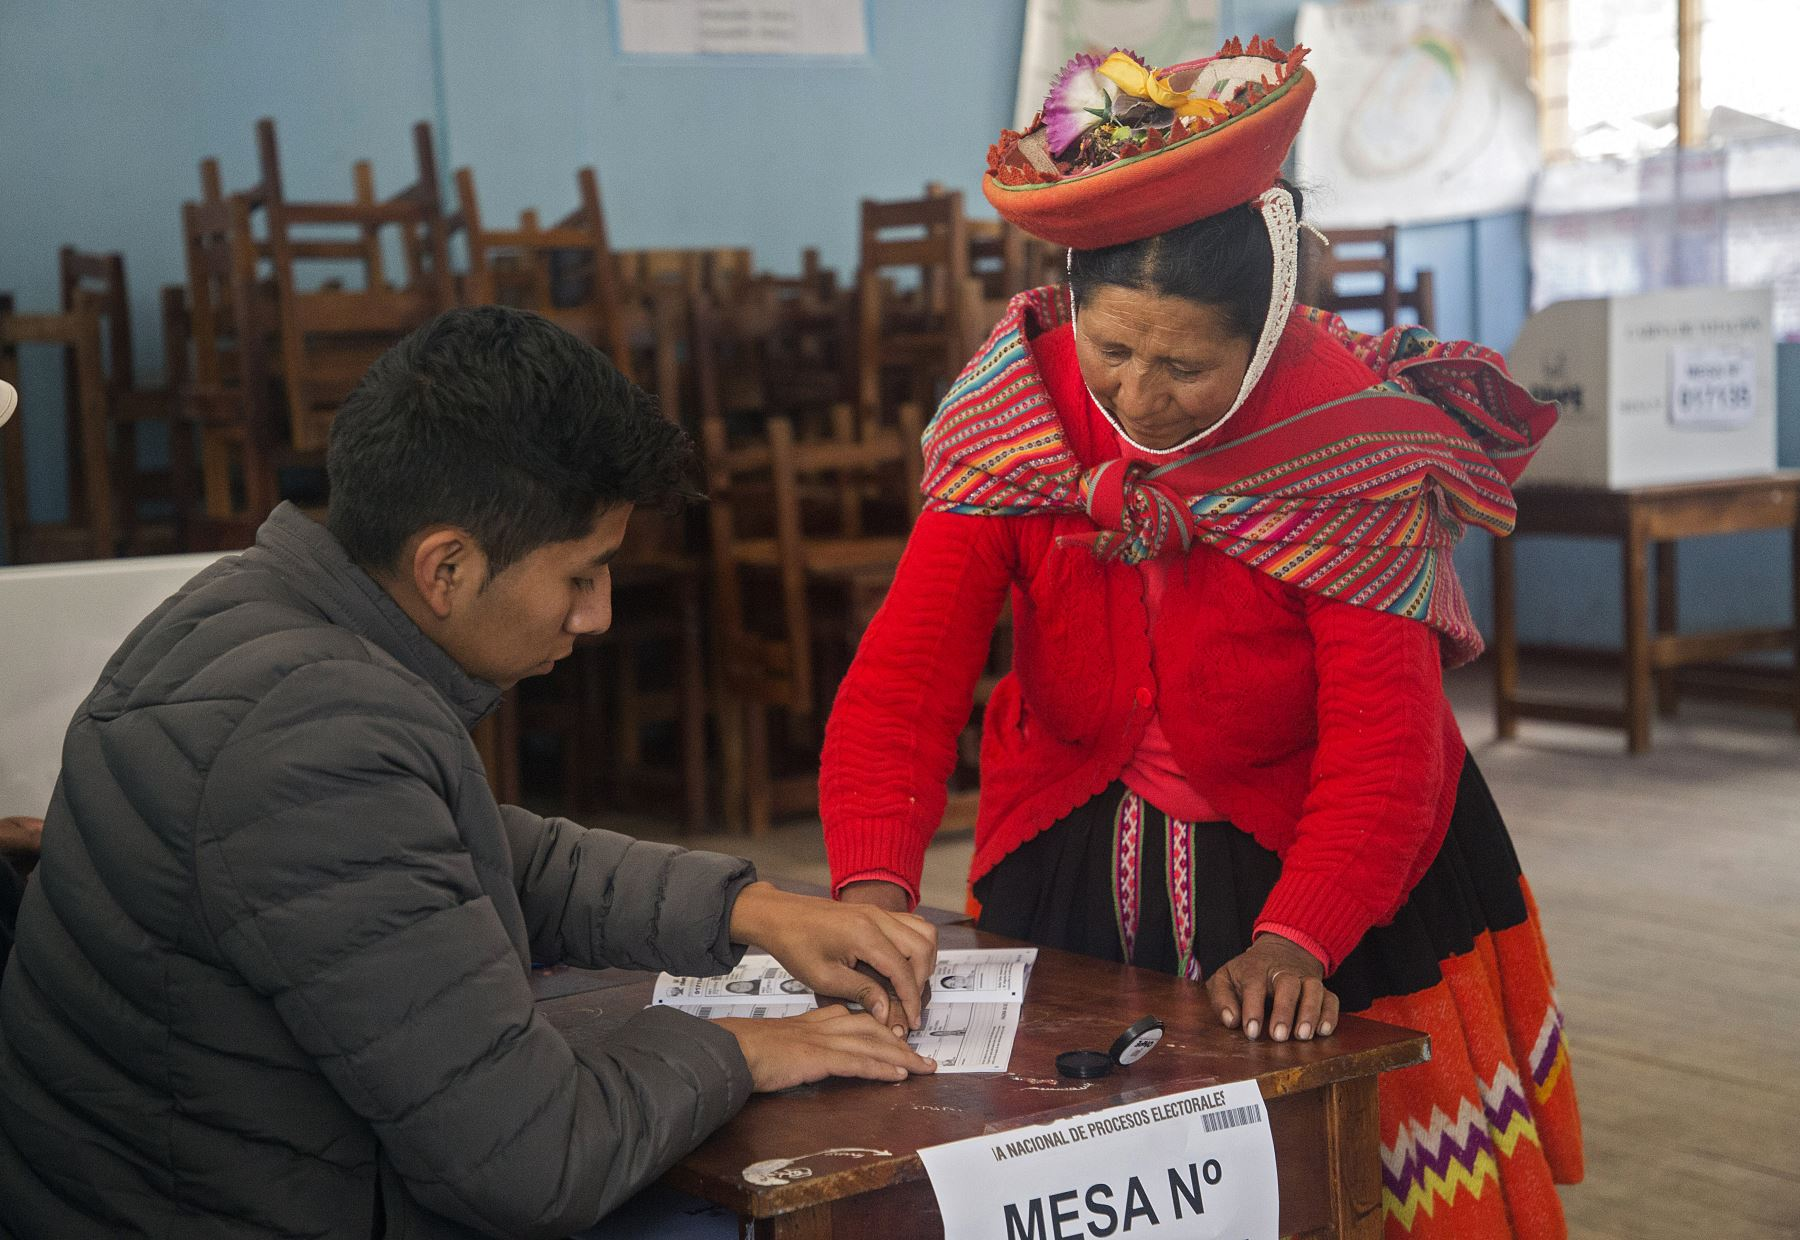 Una mujer indígena tiene su huella digital tomada en un colegio electoral mientras vota durante las elecciones legislativas en Ollantaytambo, en la región de Cusco. Foto: AFP